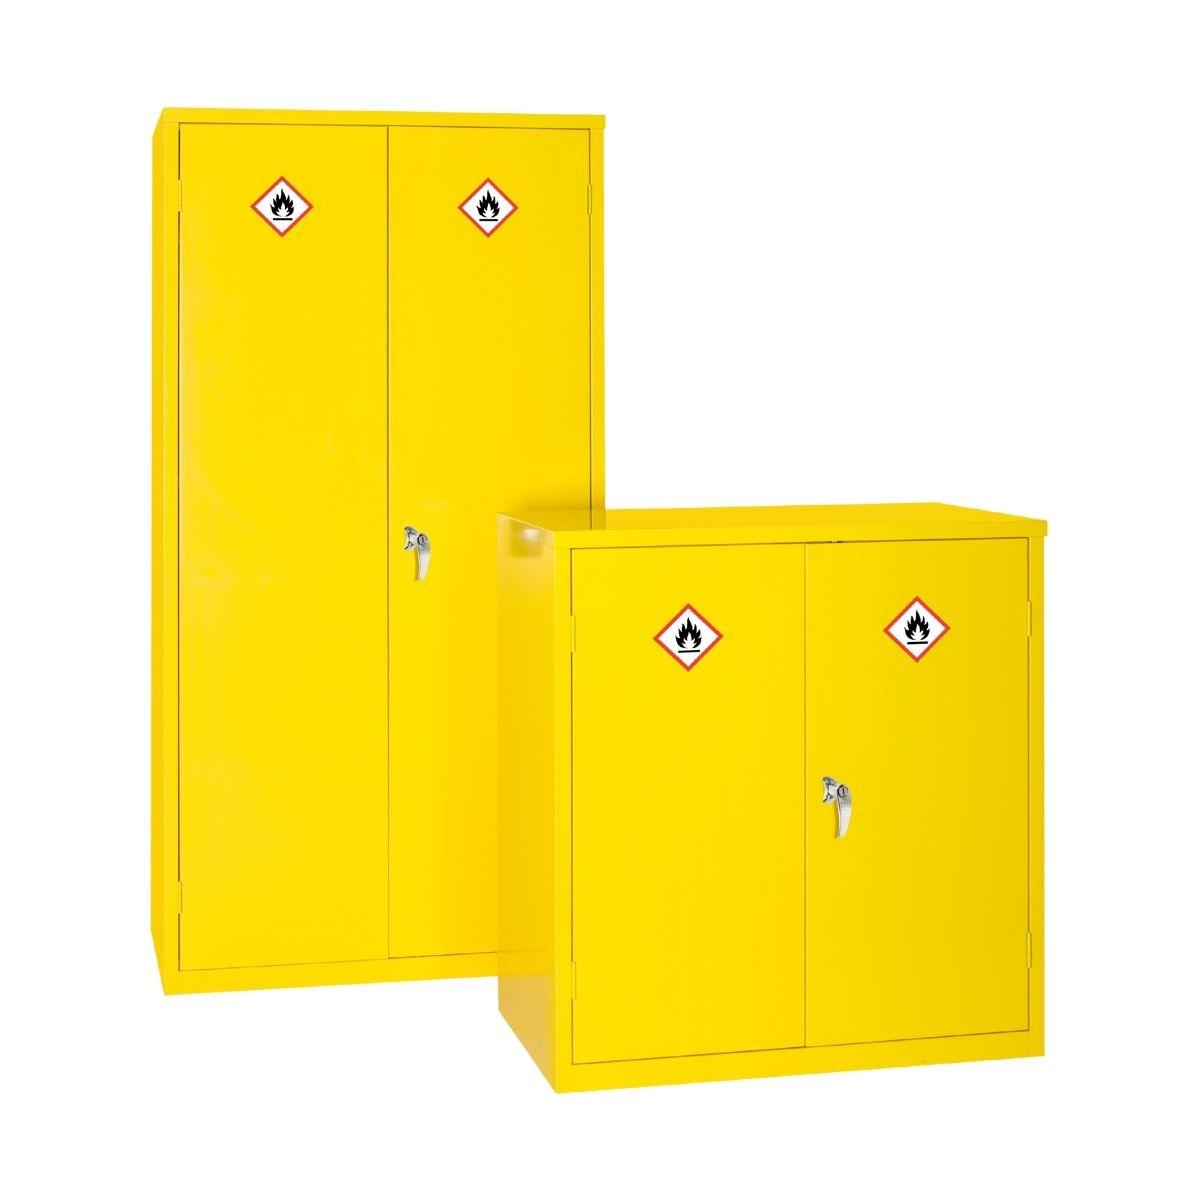 JP0049 Dangerous Substance Cabinet 710 x 915 x 457